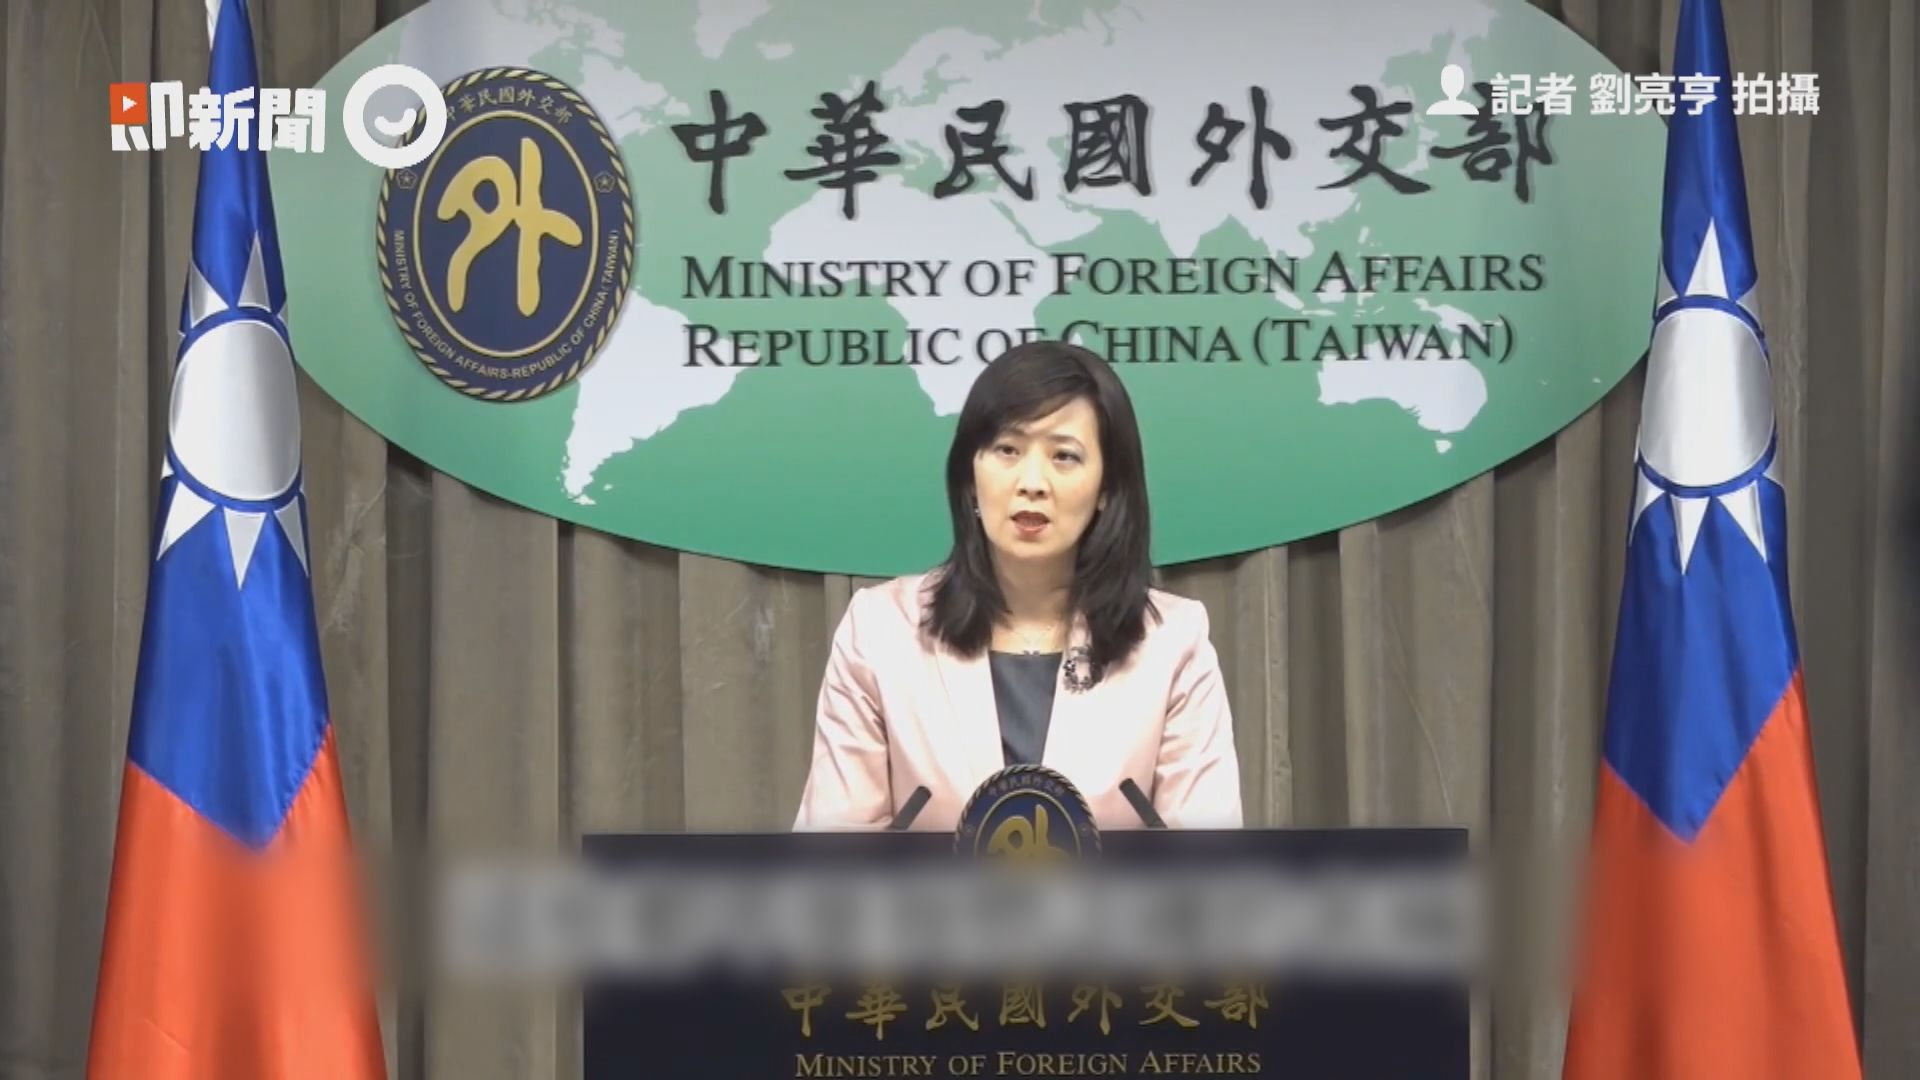 世衛疫情報告不停轉變對台灣稱呼 台灣批荒謬